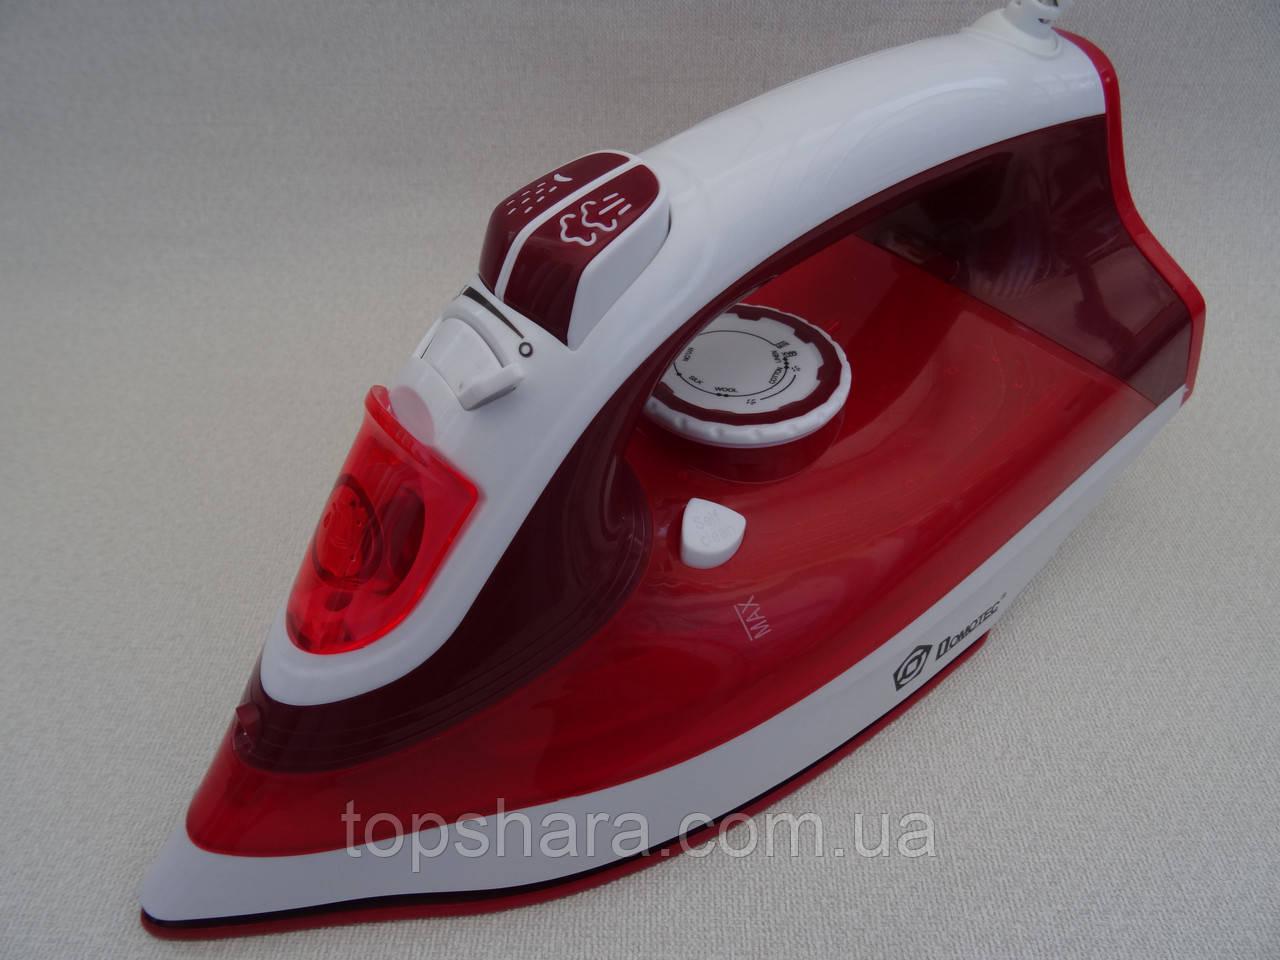 Утюг Domotec MS-2298 керамика 2200вт, красный